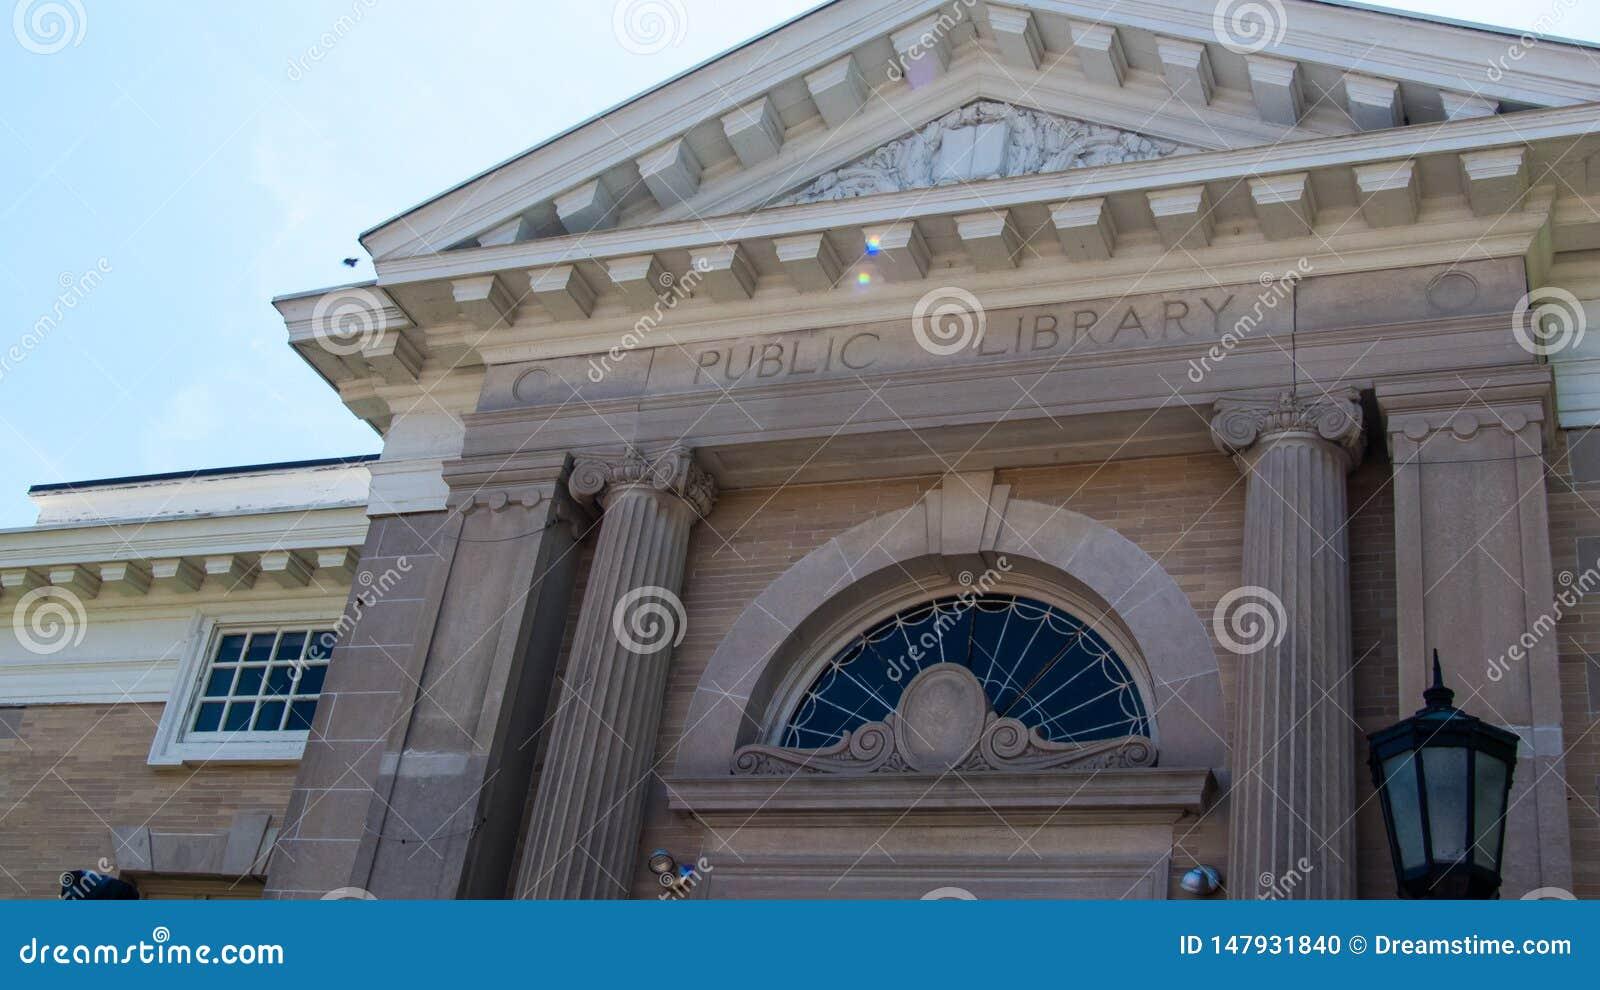 诺瓦克公立图书馆康涅狄格大理石大厦,古希腊感受